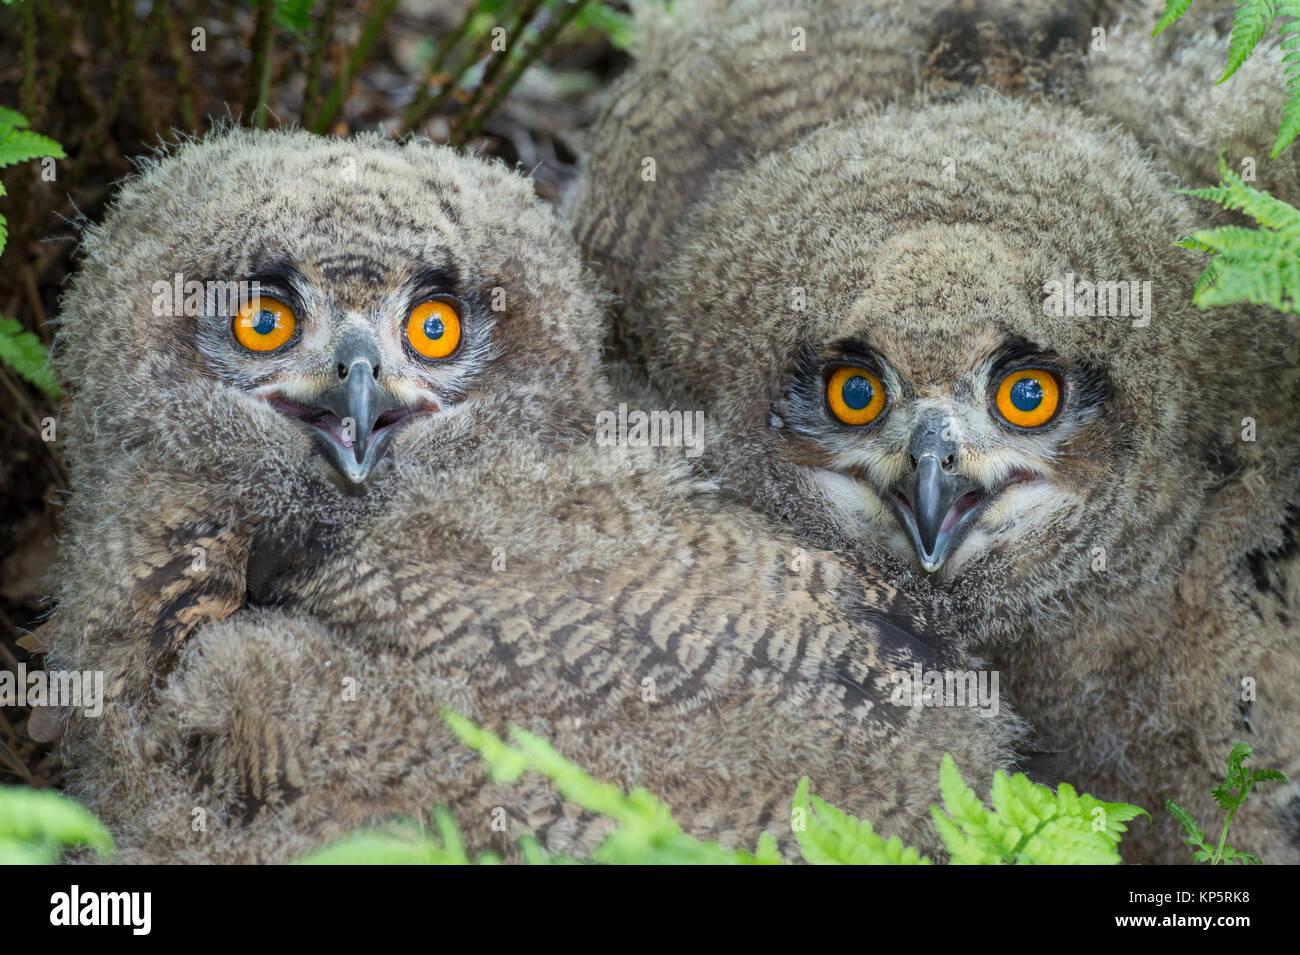 Uhu, Eurasian Eagle Owl, Bubo bubo -, Tiere, Vogel, Eulen, Eule, Eule, Eulen, Stringiformes, Voegel, vogel, vögel, Stockbild